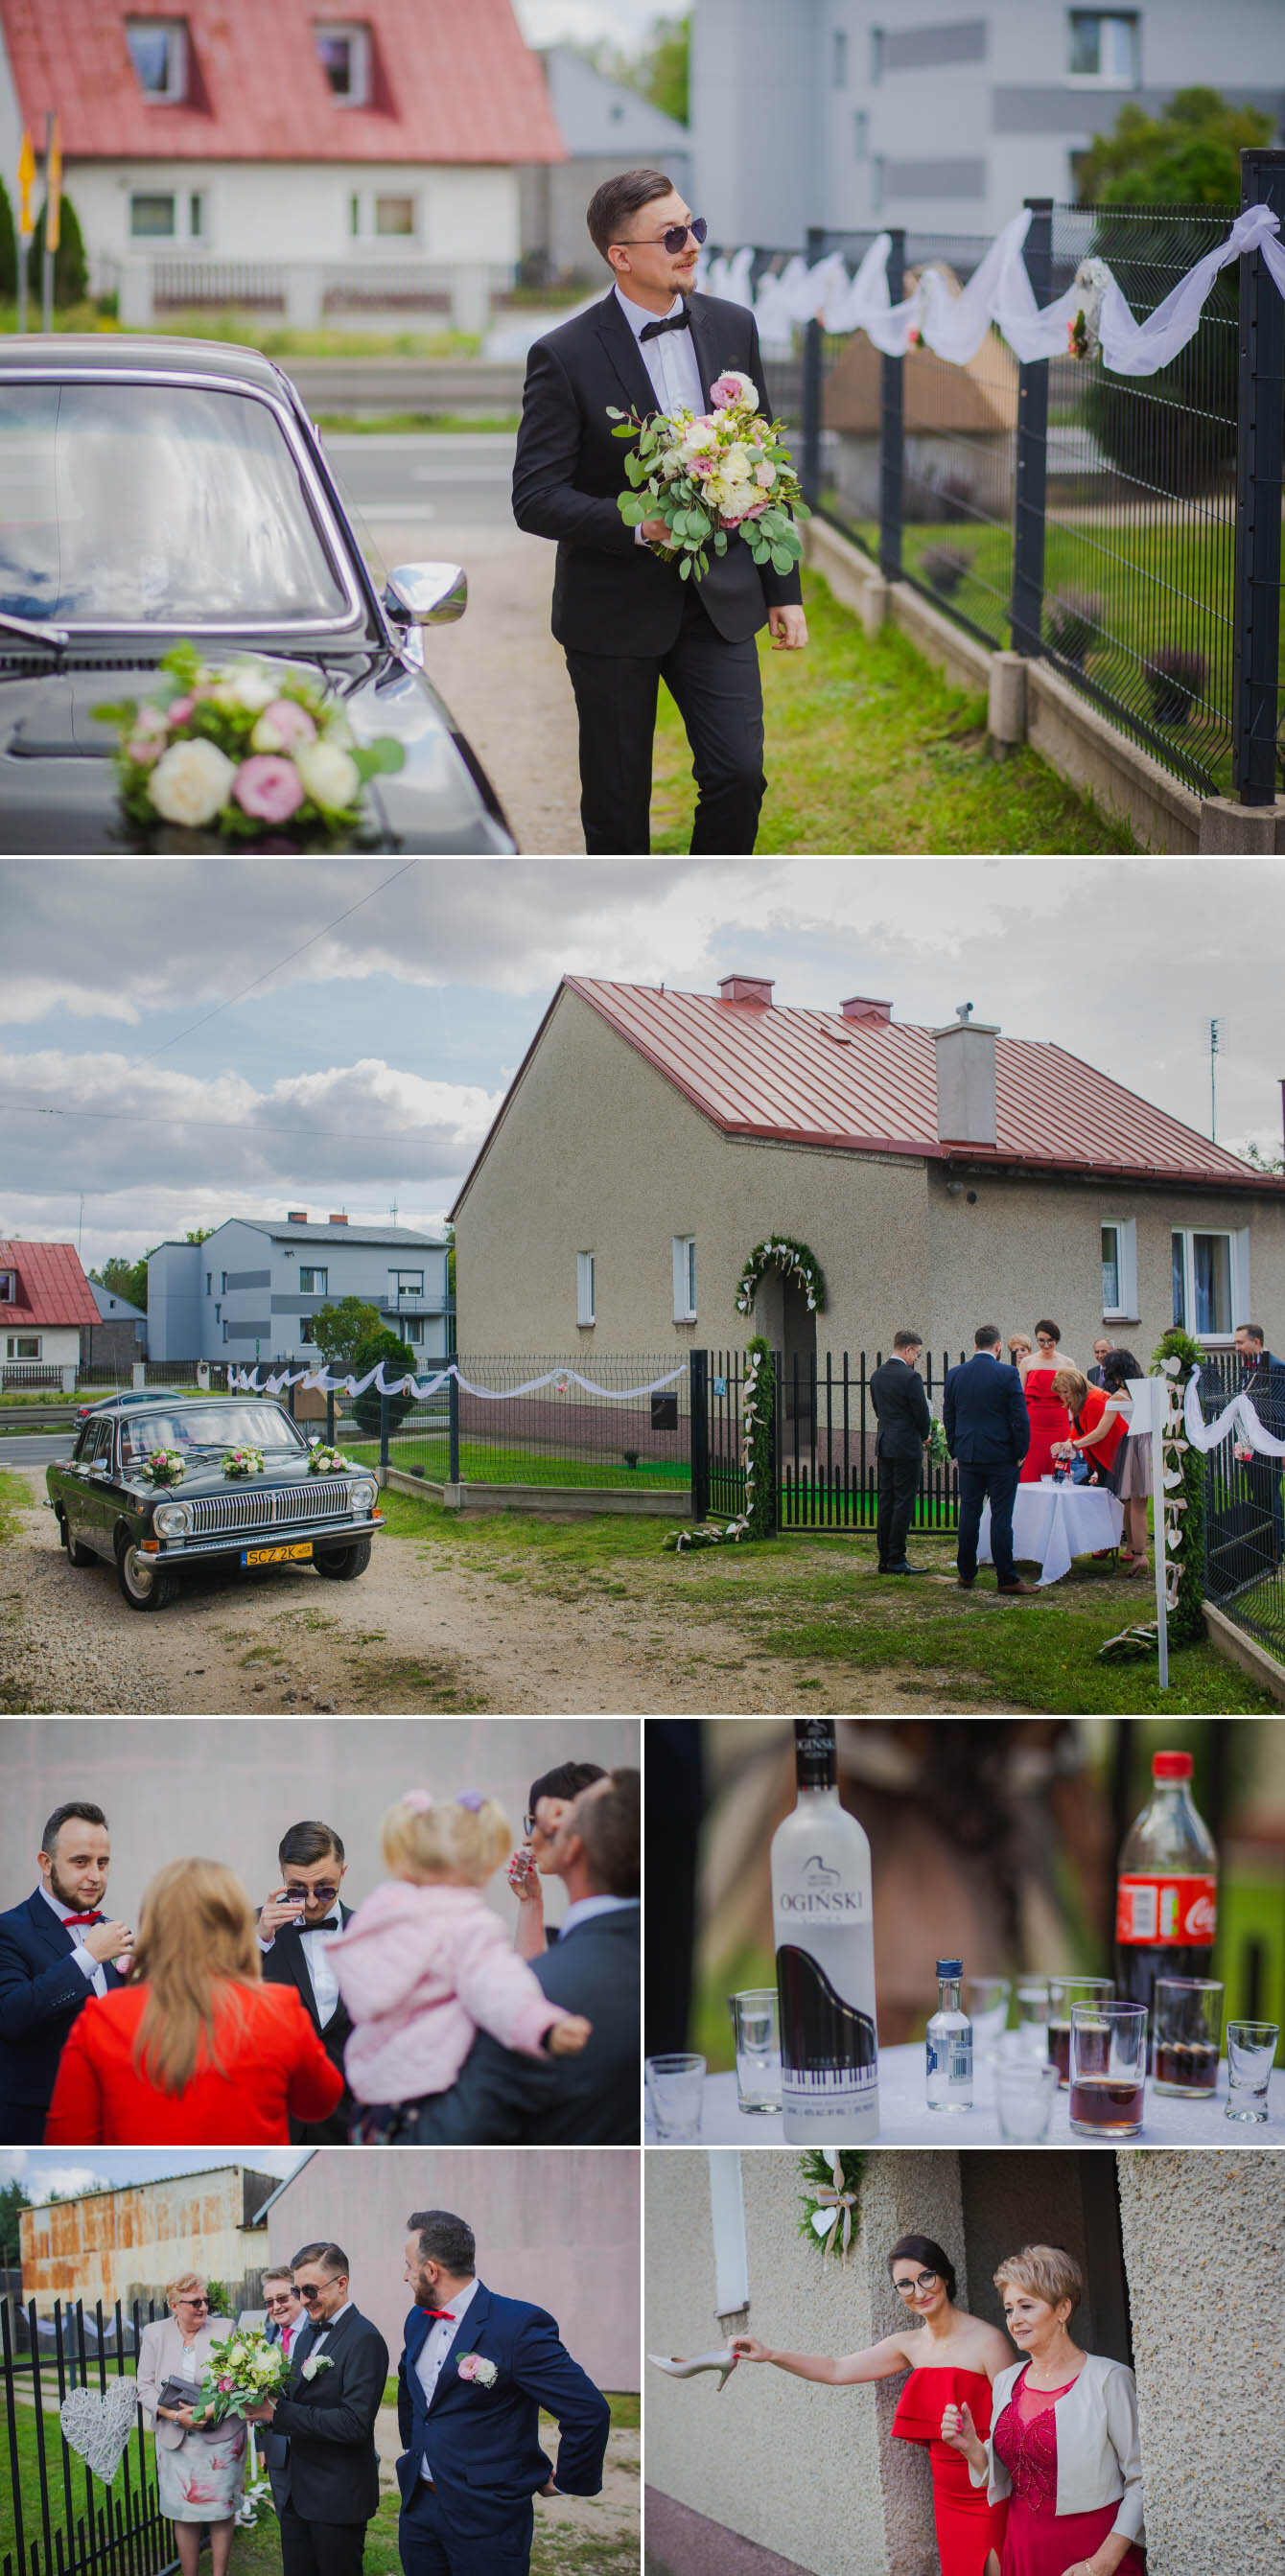 Fotografie ślubne Marka i Angeliki w domu weselnym pod Grzybkiem fotograf Bartek Wyrobek  6.jpg